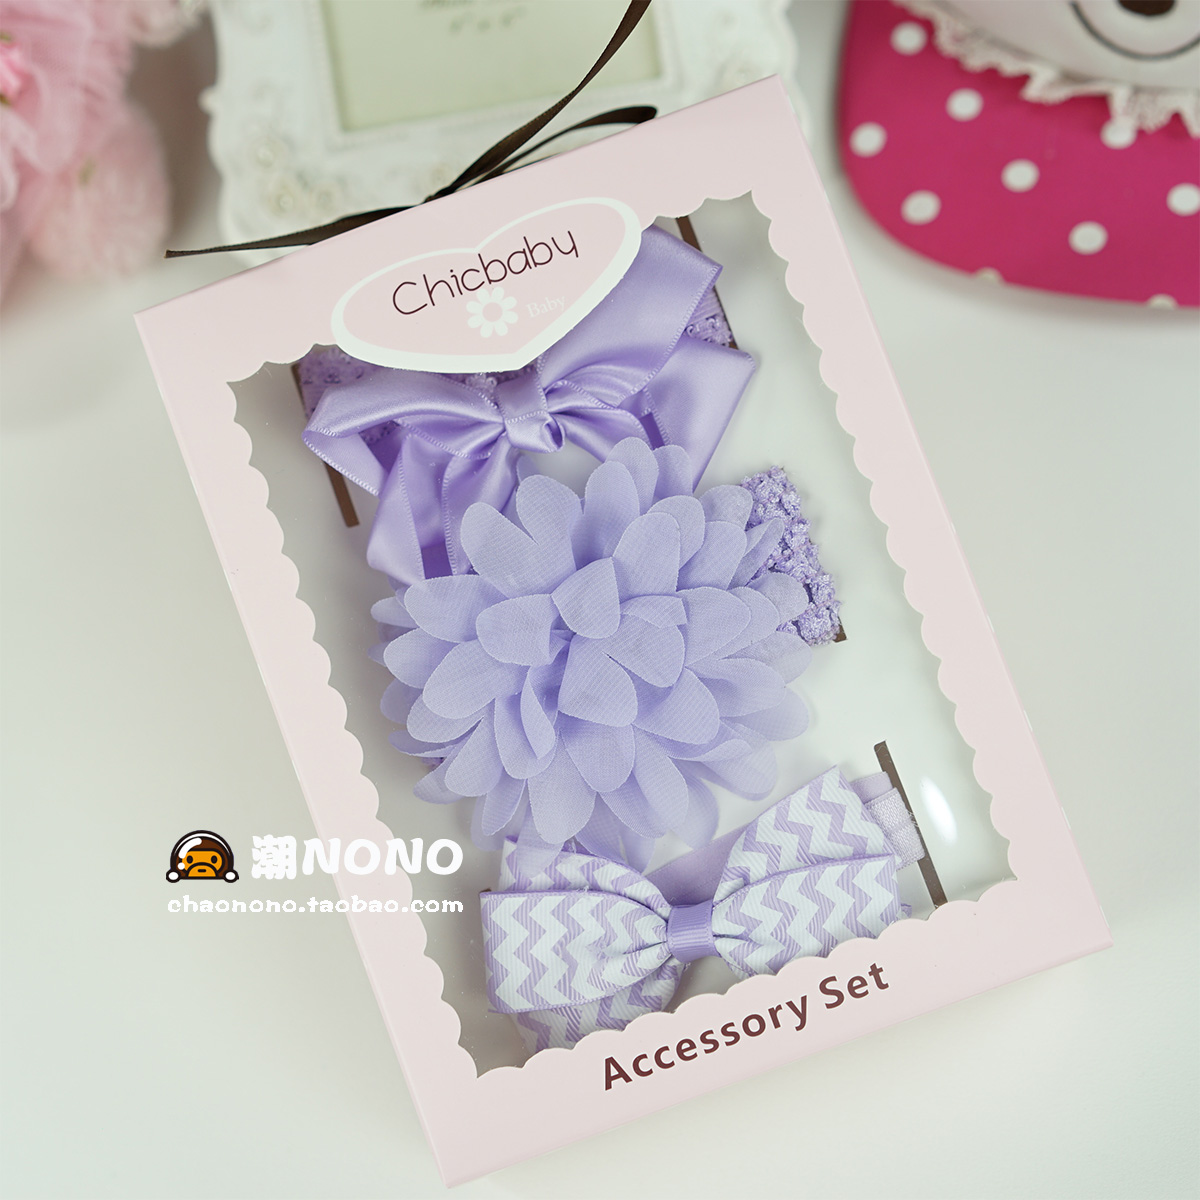 Цвет: Новые фиолетовые цветы